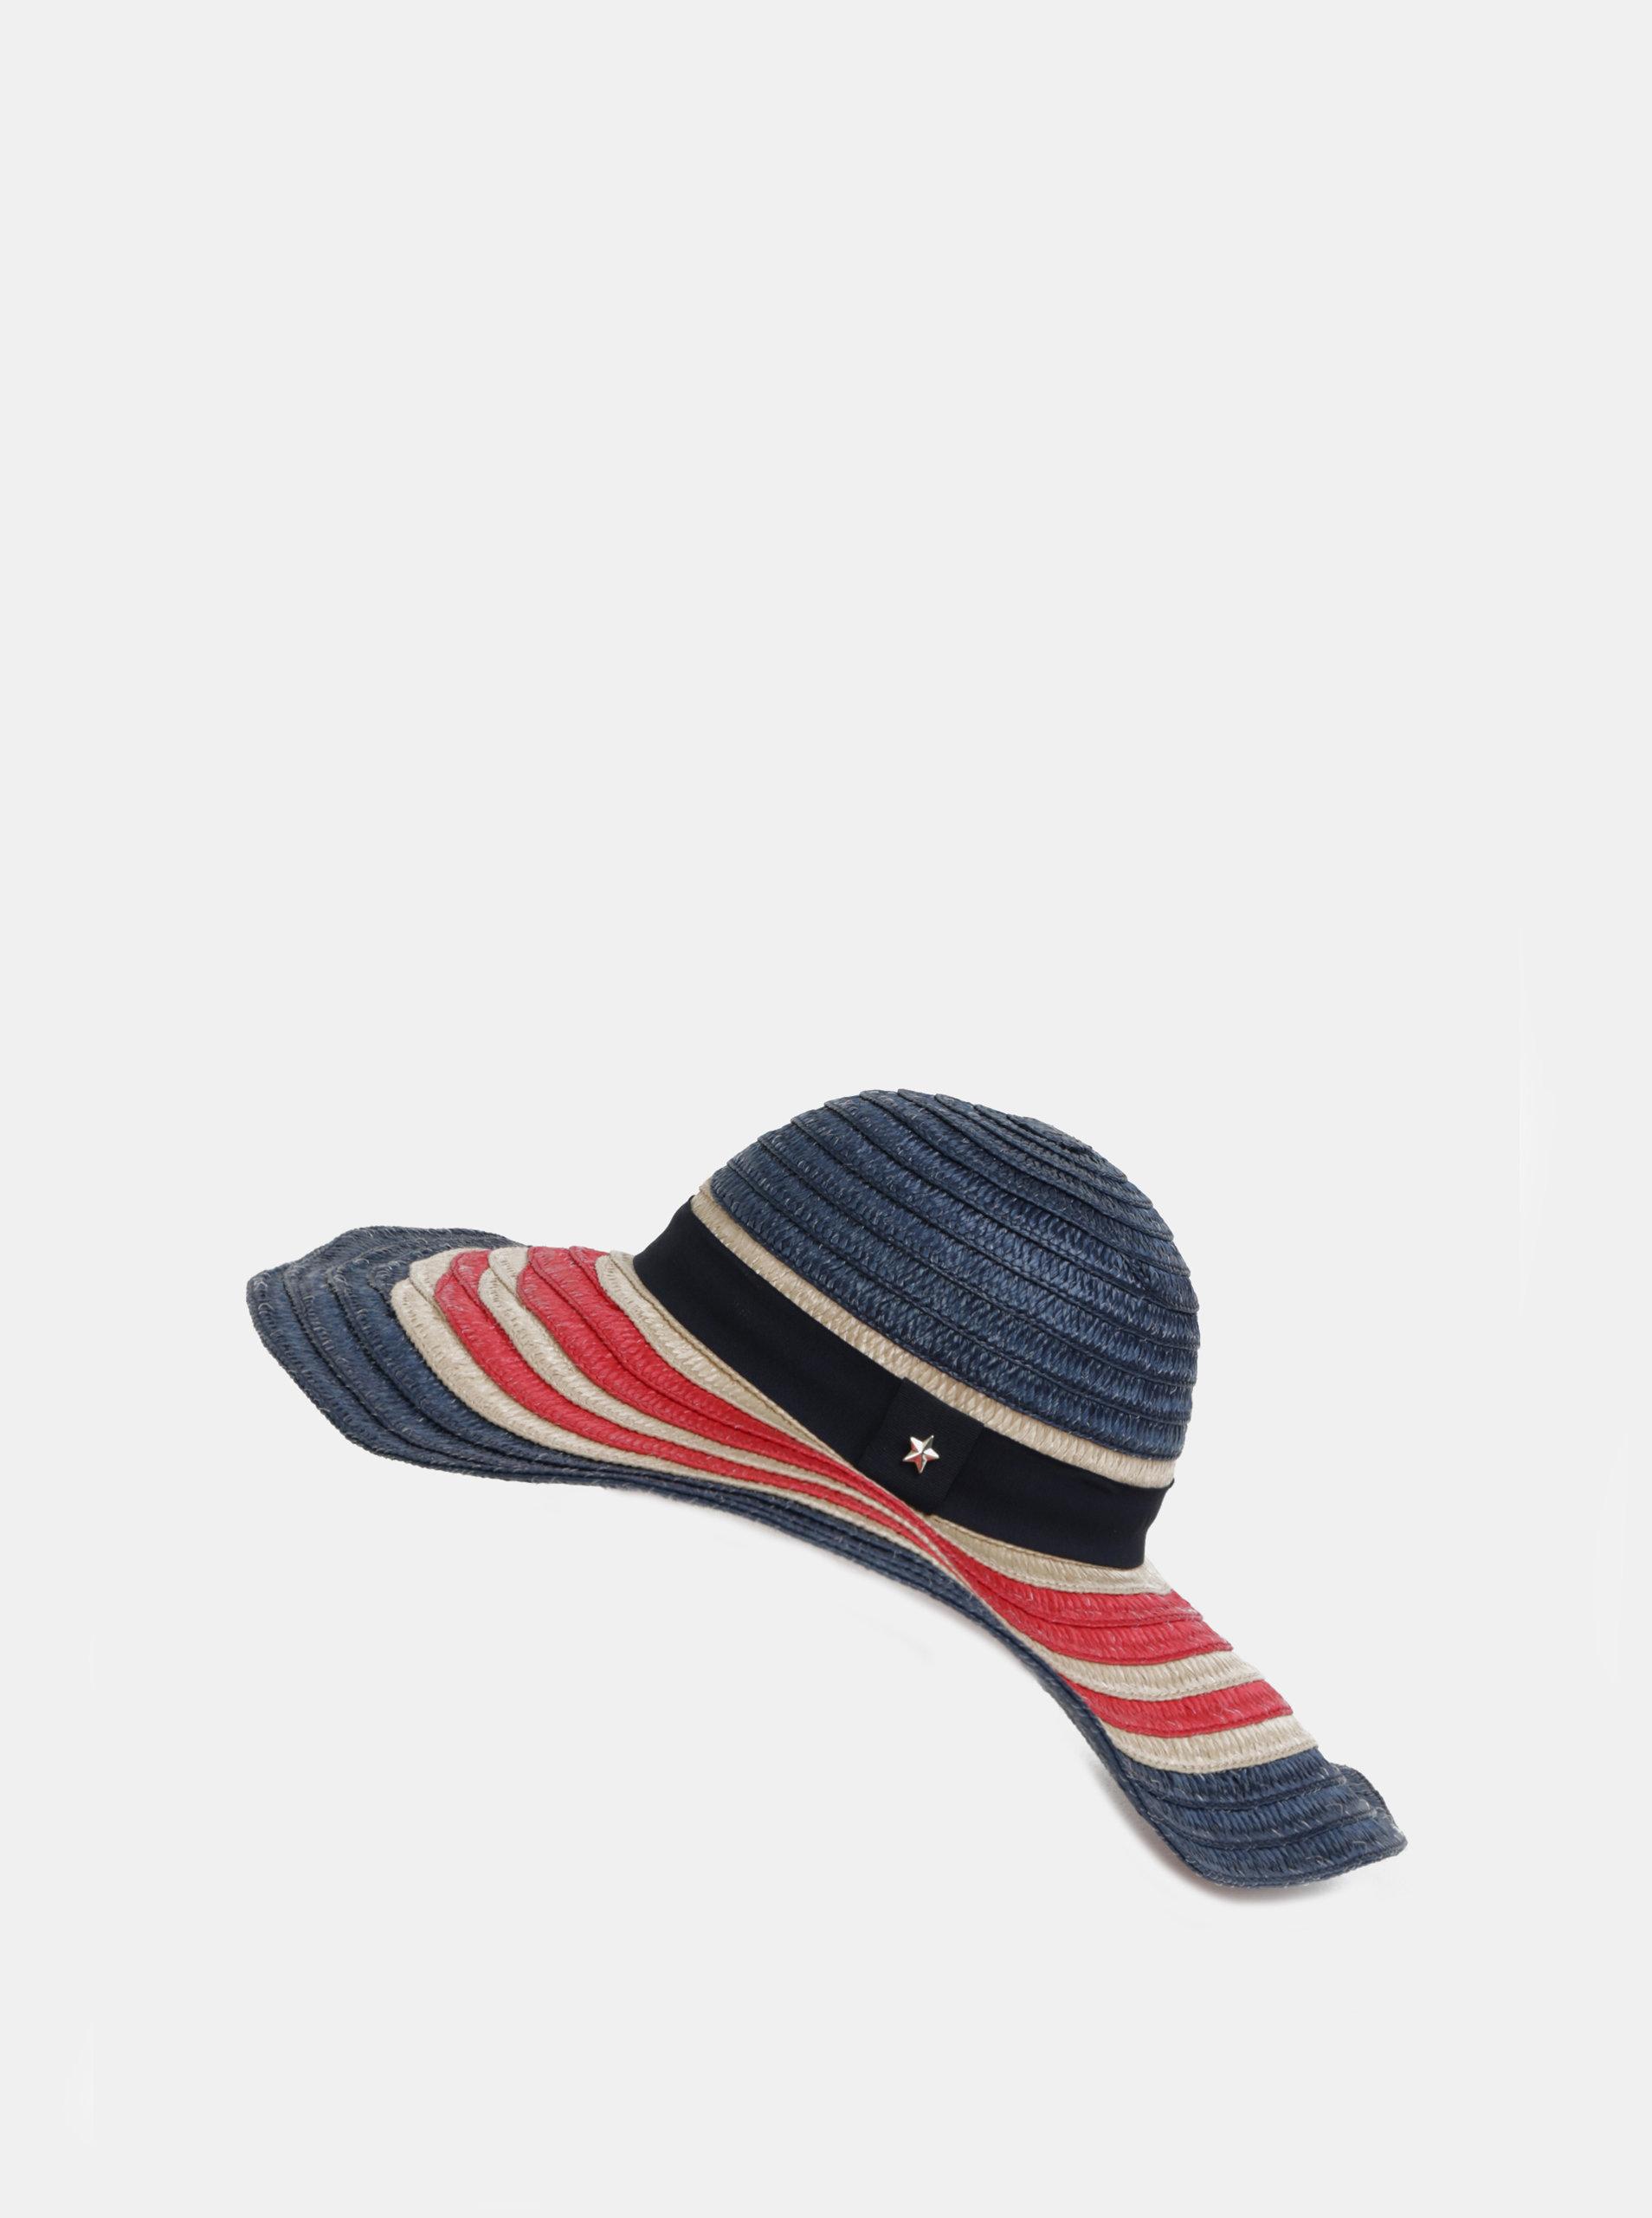 Červeno-modrý dámsky pruhovaný klobúk Tommy Hilfiger ... d5c163f3f2f